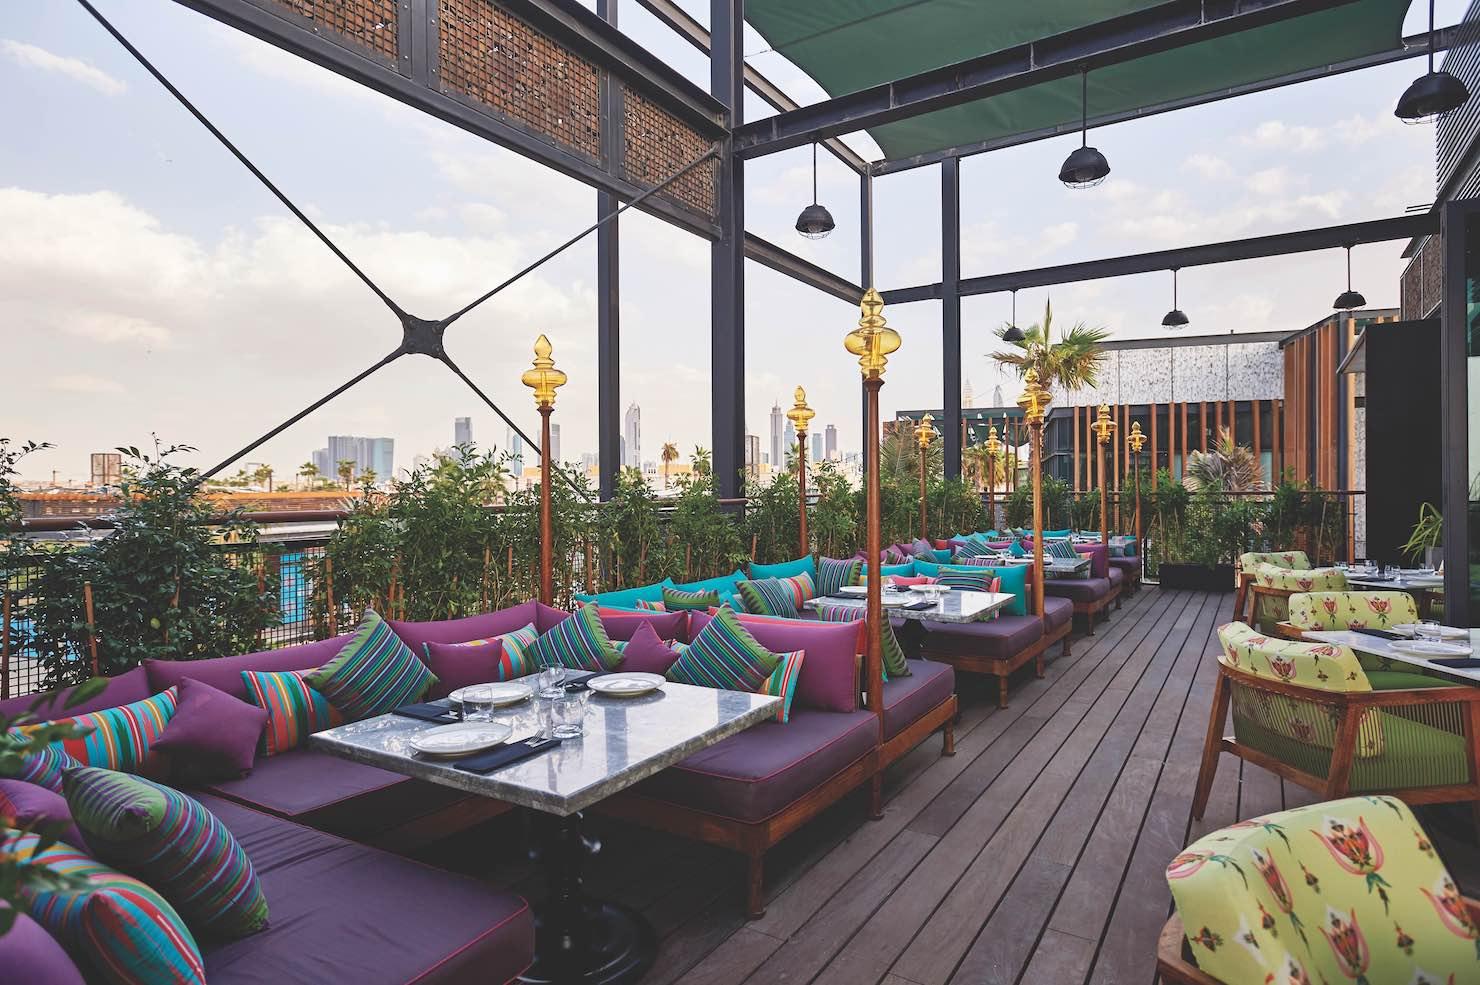 Masti Cocktails & Cuisine in Dubai by Studio Lotus Featured by Pendulum Magazine